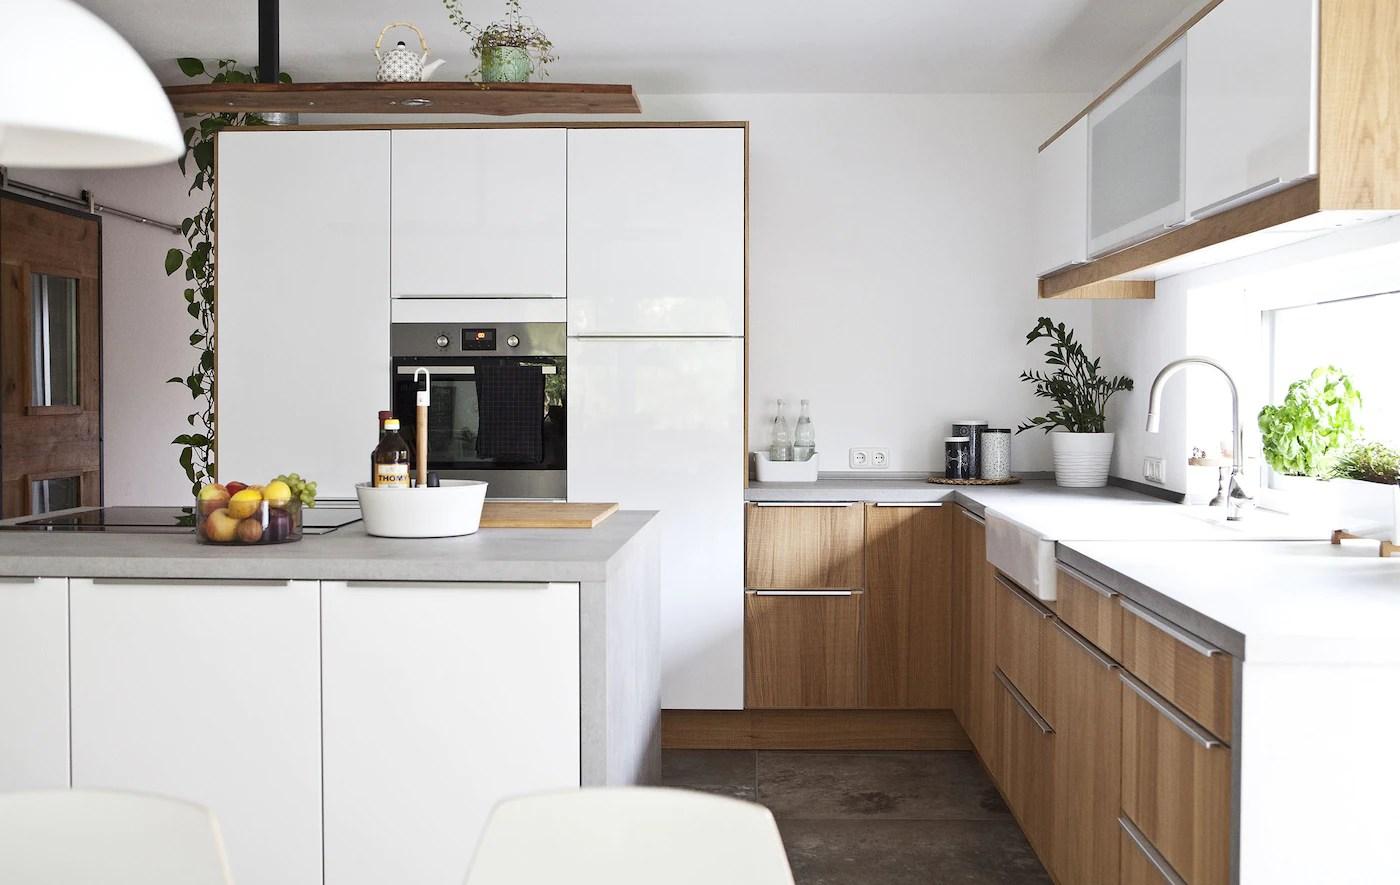 Una Cucina Organizzata Tra Modernità E Stile Country Ikea